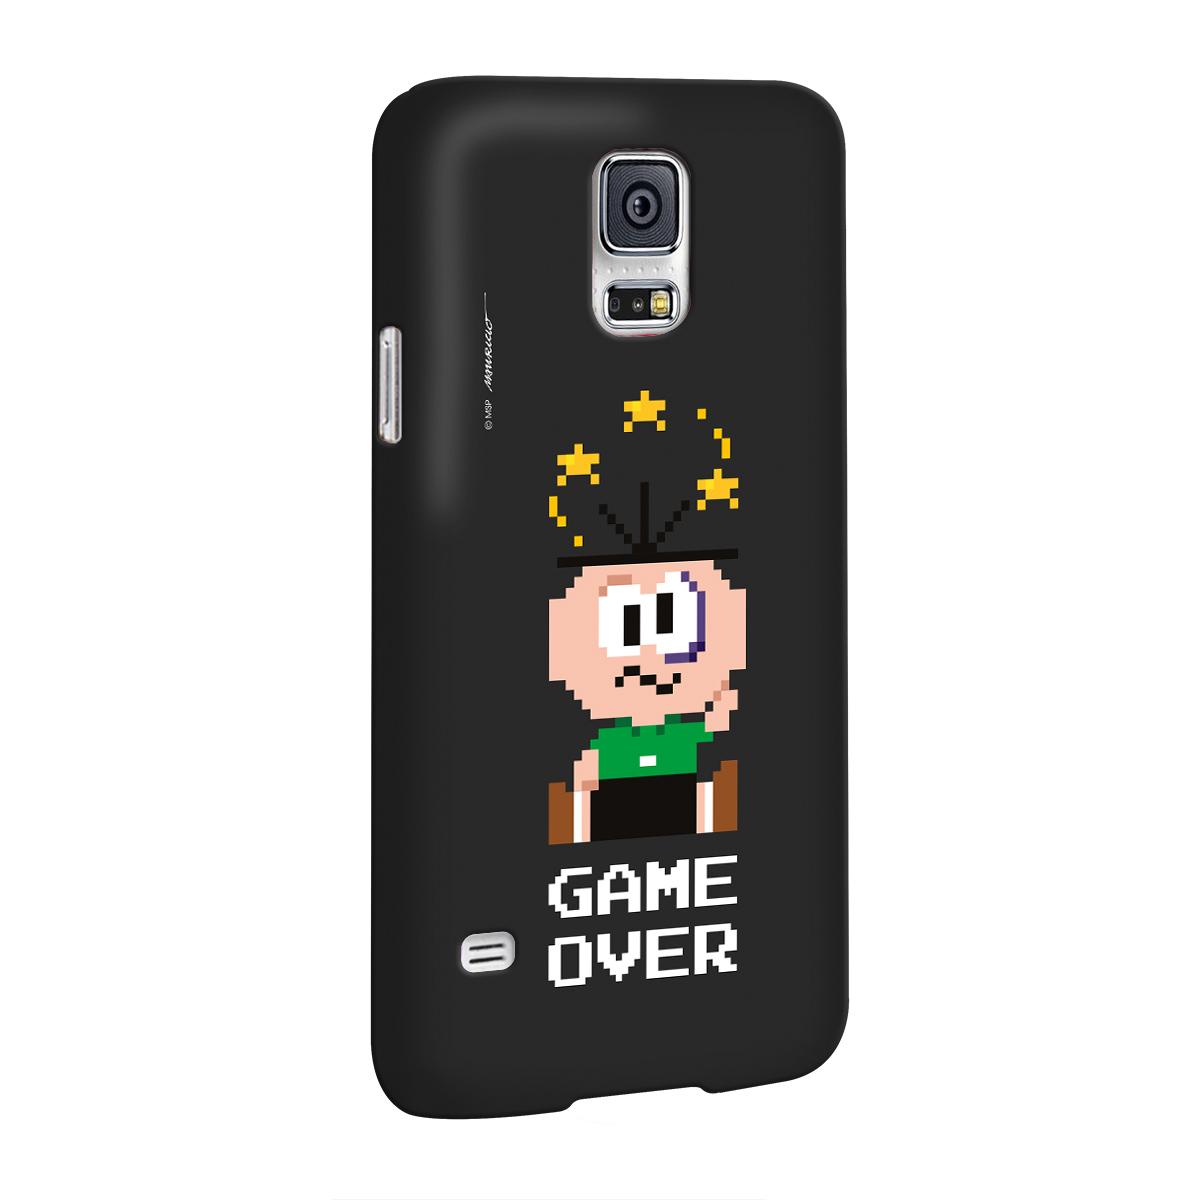 Capa para Samsung Galaxy S5 Turma da Mônica Cebolinha Game Over